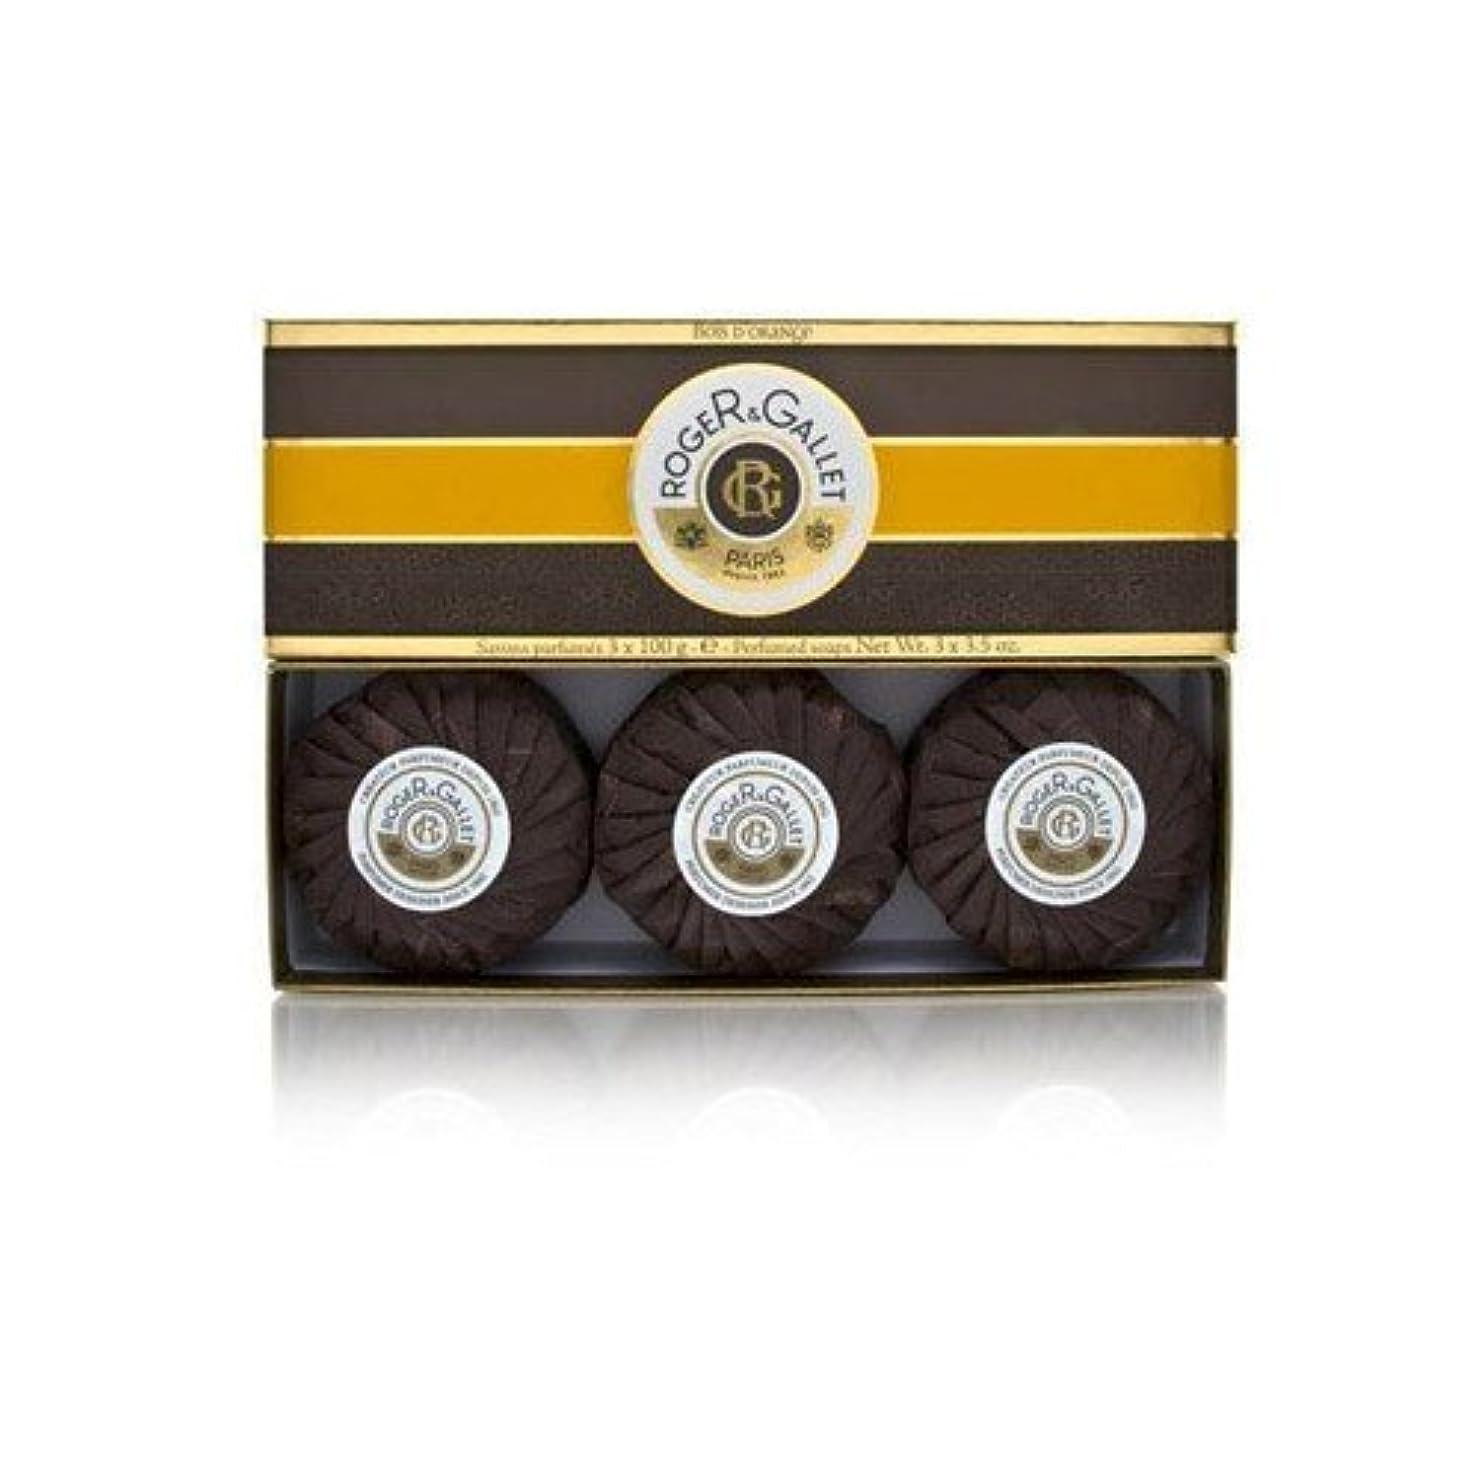 文言振るリスクロジェガレ ボワ ドランジュ (オレンジツリー) 香水石鹸3個セット ROGER&GALLET BOIS D'ORANGE PERFUMED SOAP [0161]